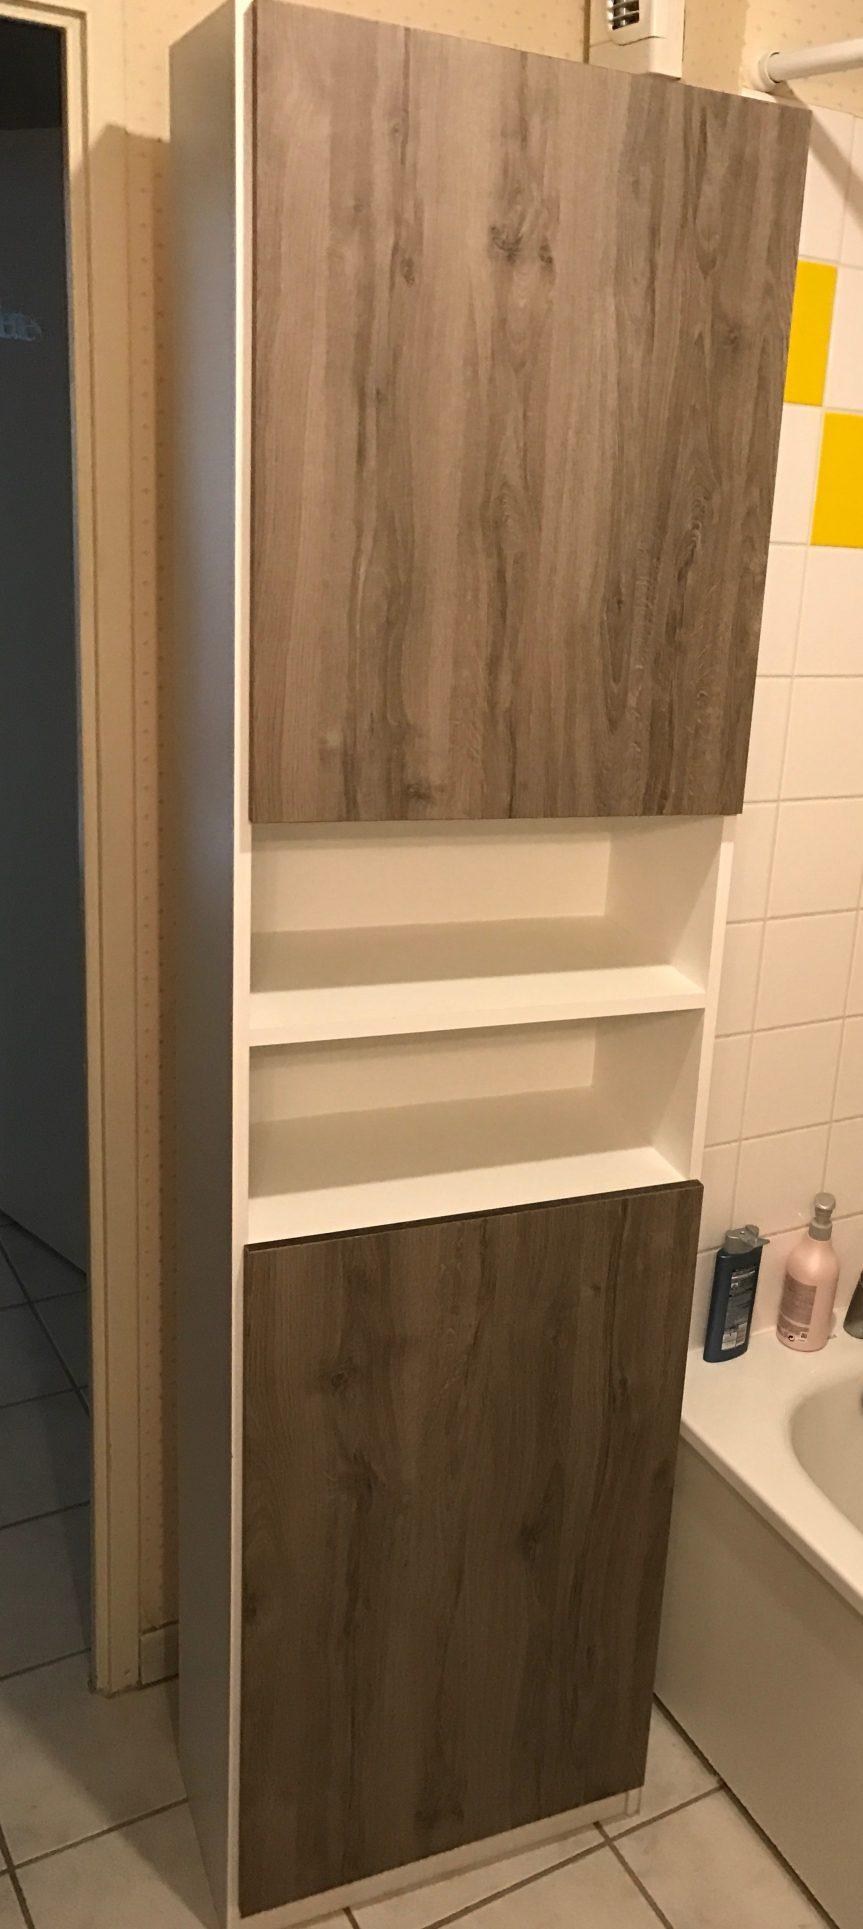 Creer Meuble De Salle De Bain meuble de salle de bain – eirl gerber création, menuiserie